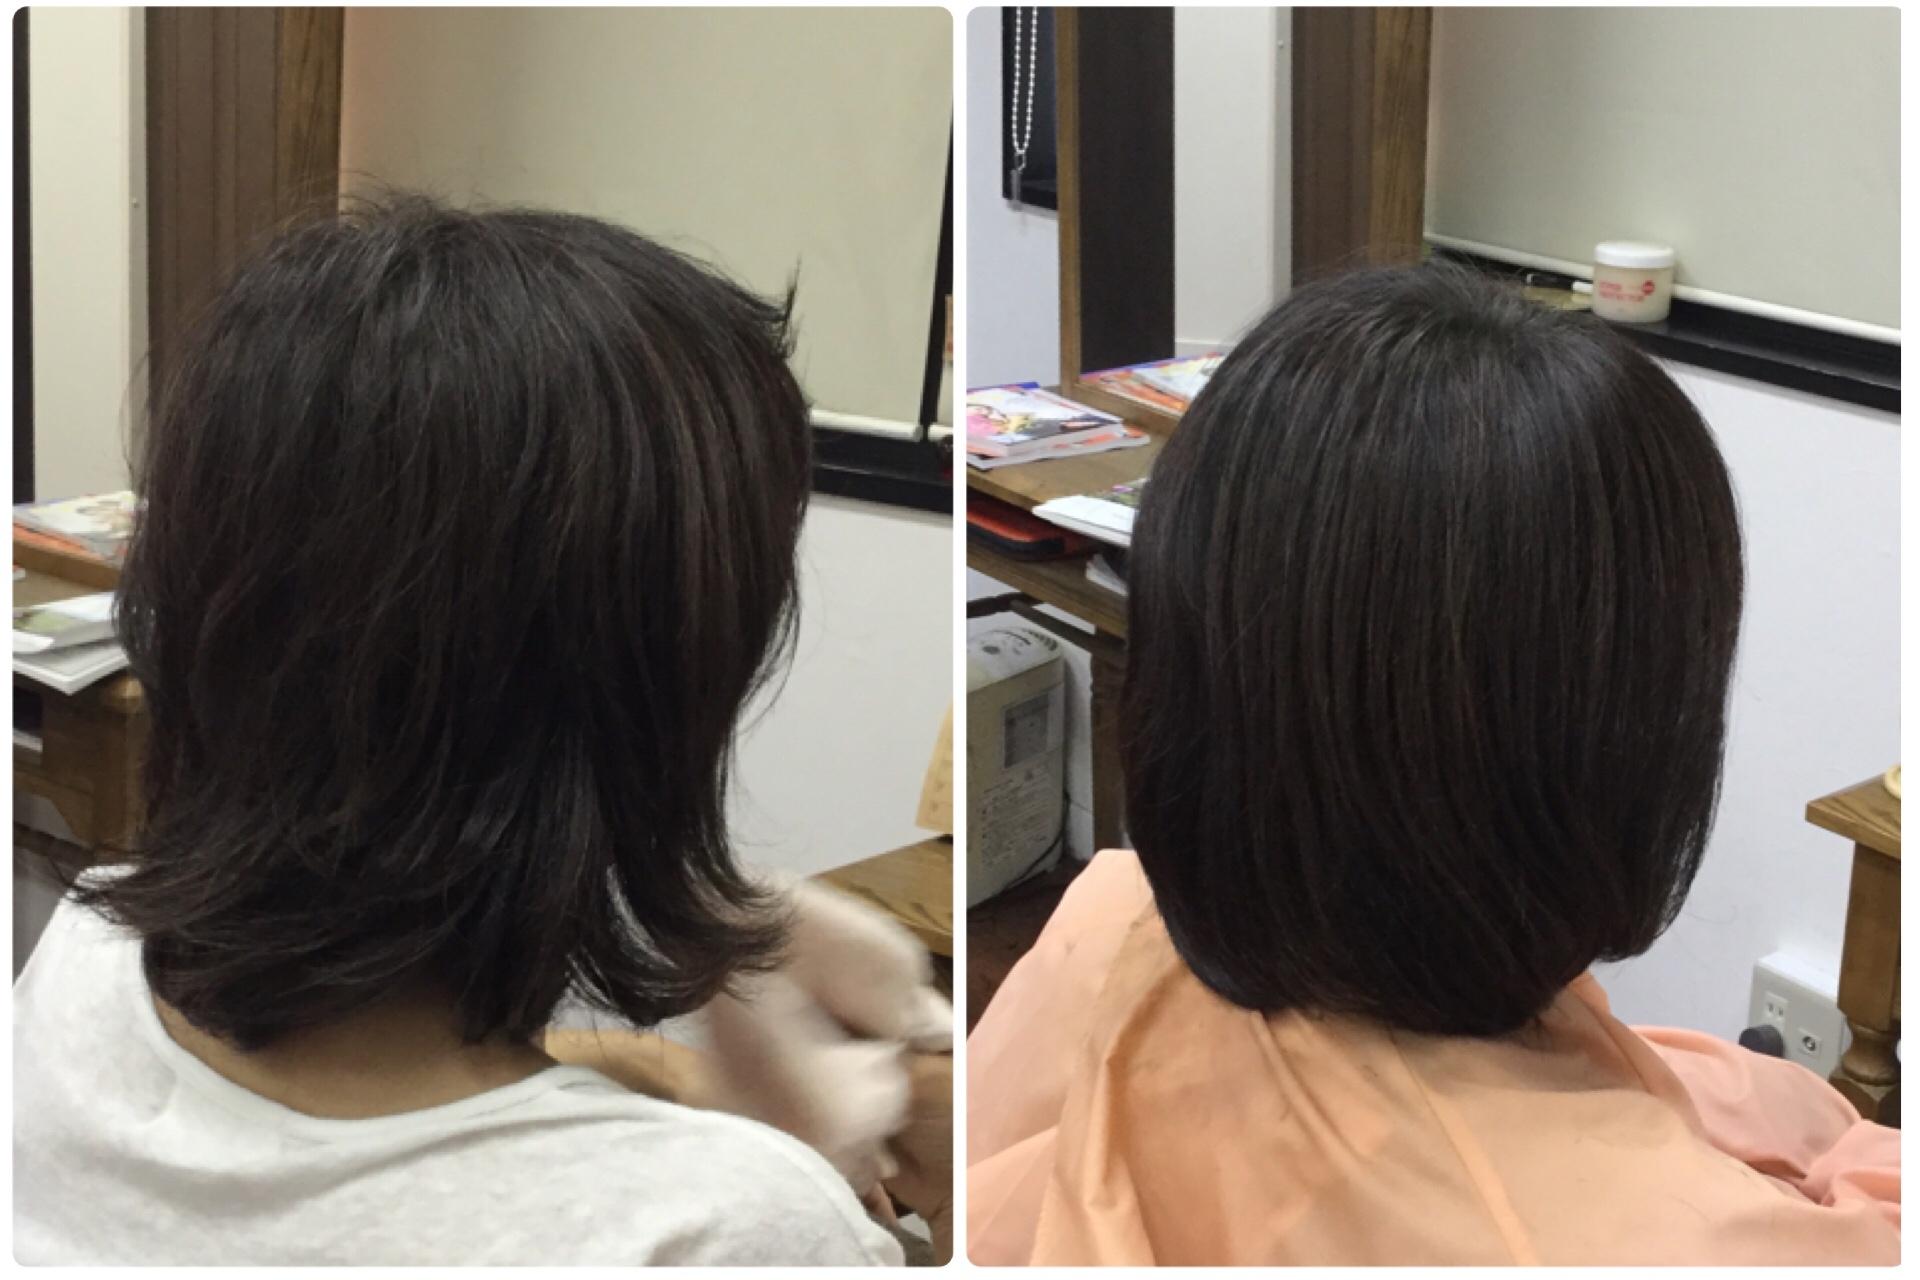 Iくせ毛スカスカまとまらない髪に【すきハサミを使わないカット】で解決する大人女性のためのくせ毛専門美容室アバディ